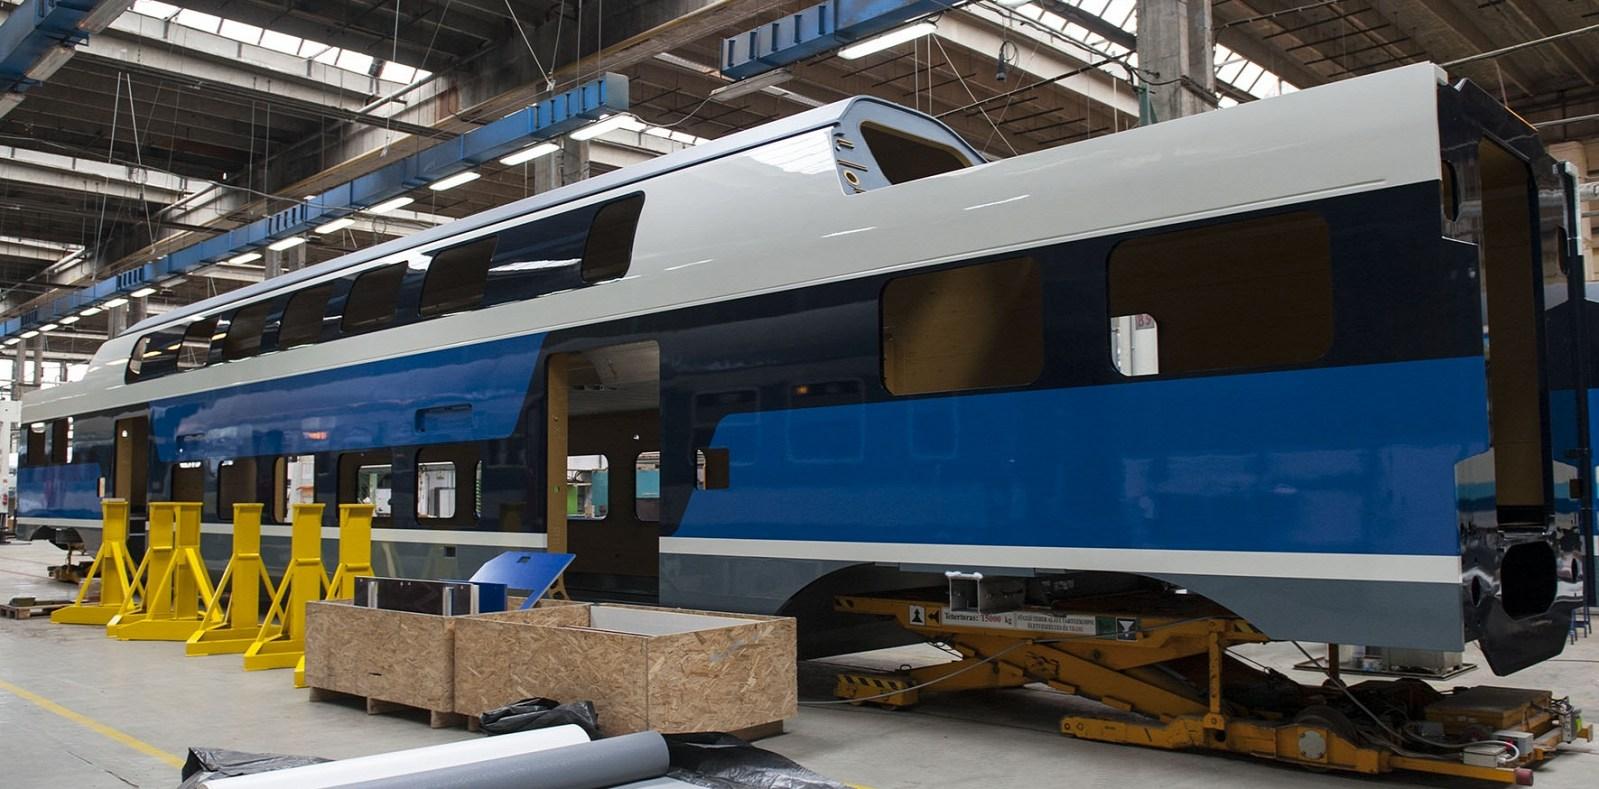 Itt vannak a MÁV első emeletes vasúti kocsijai